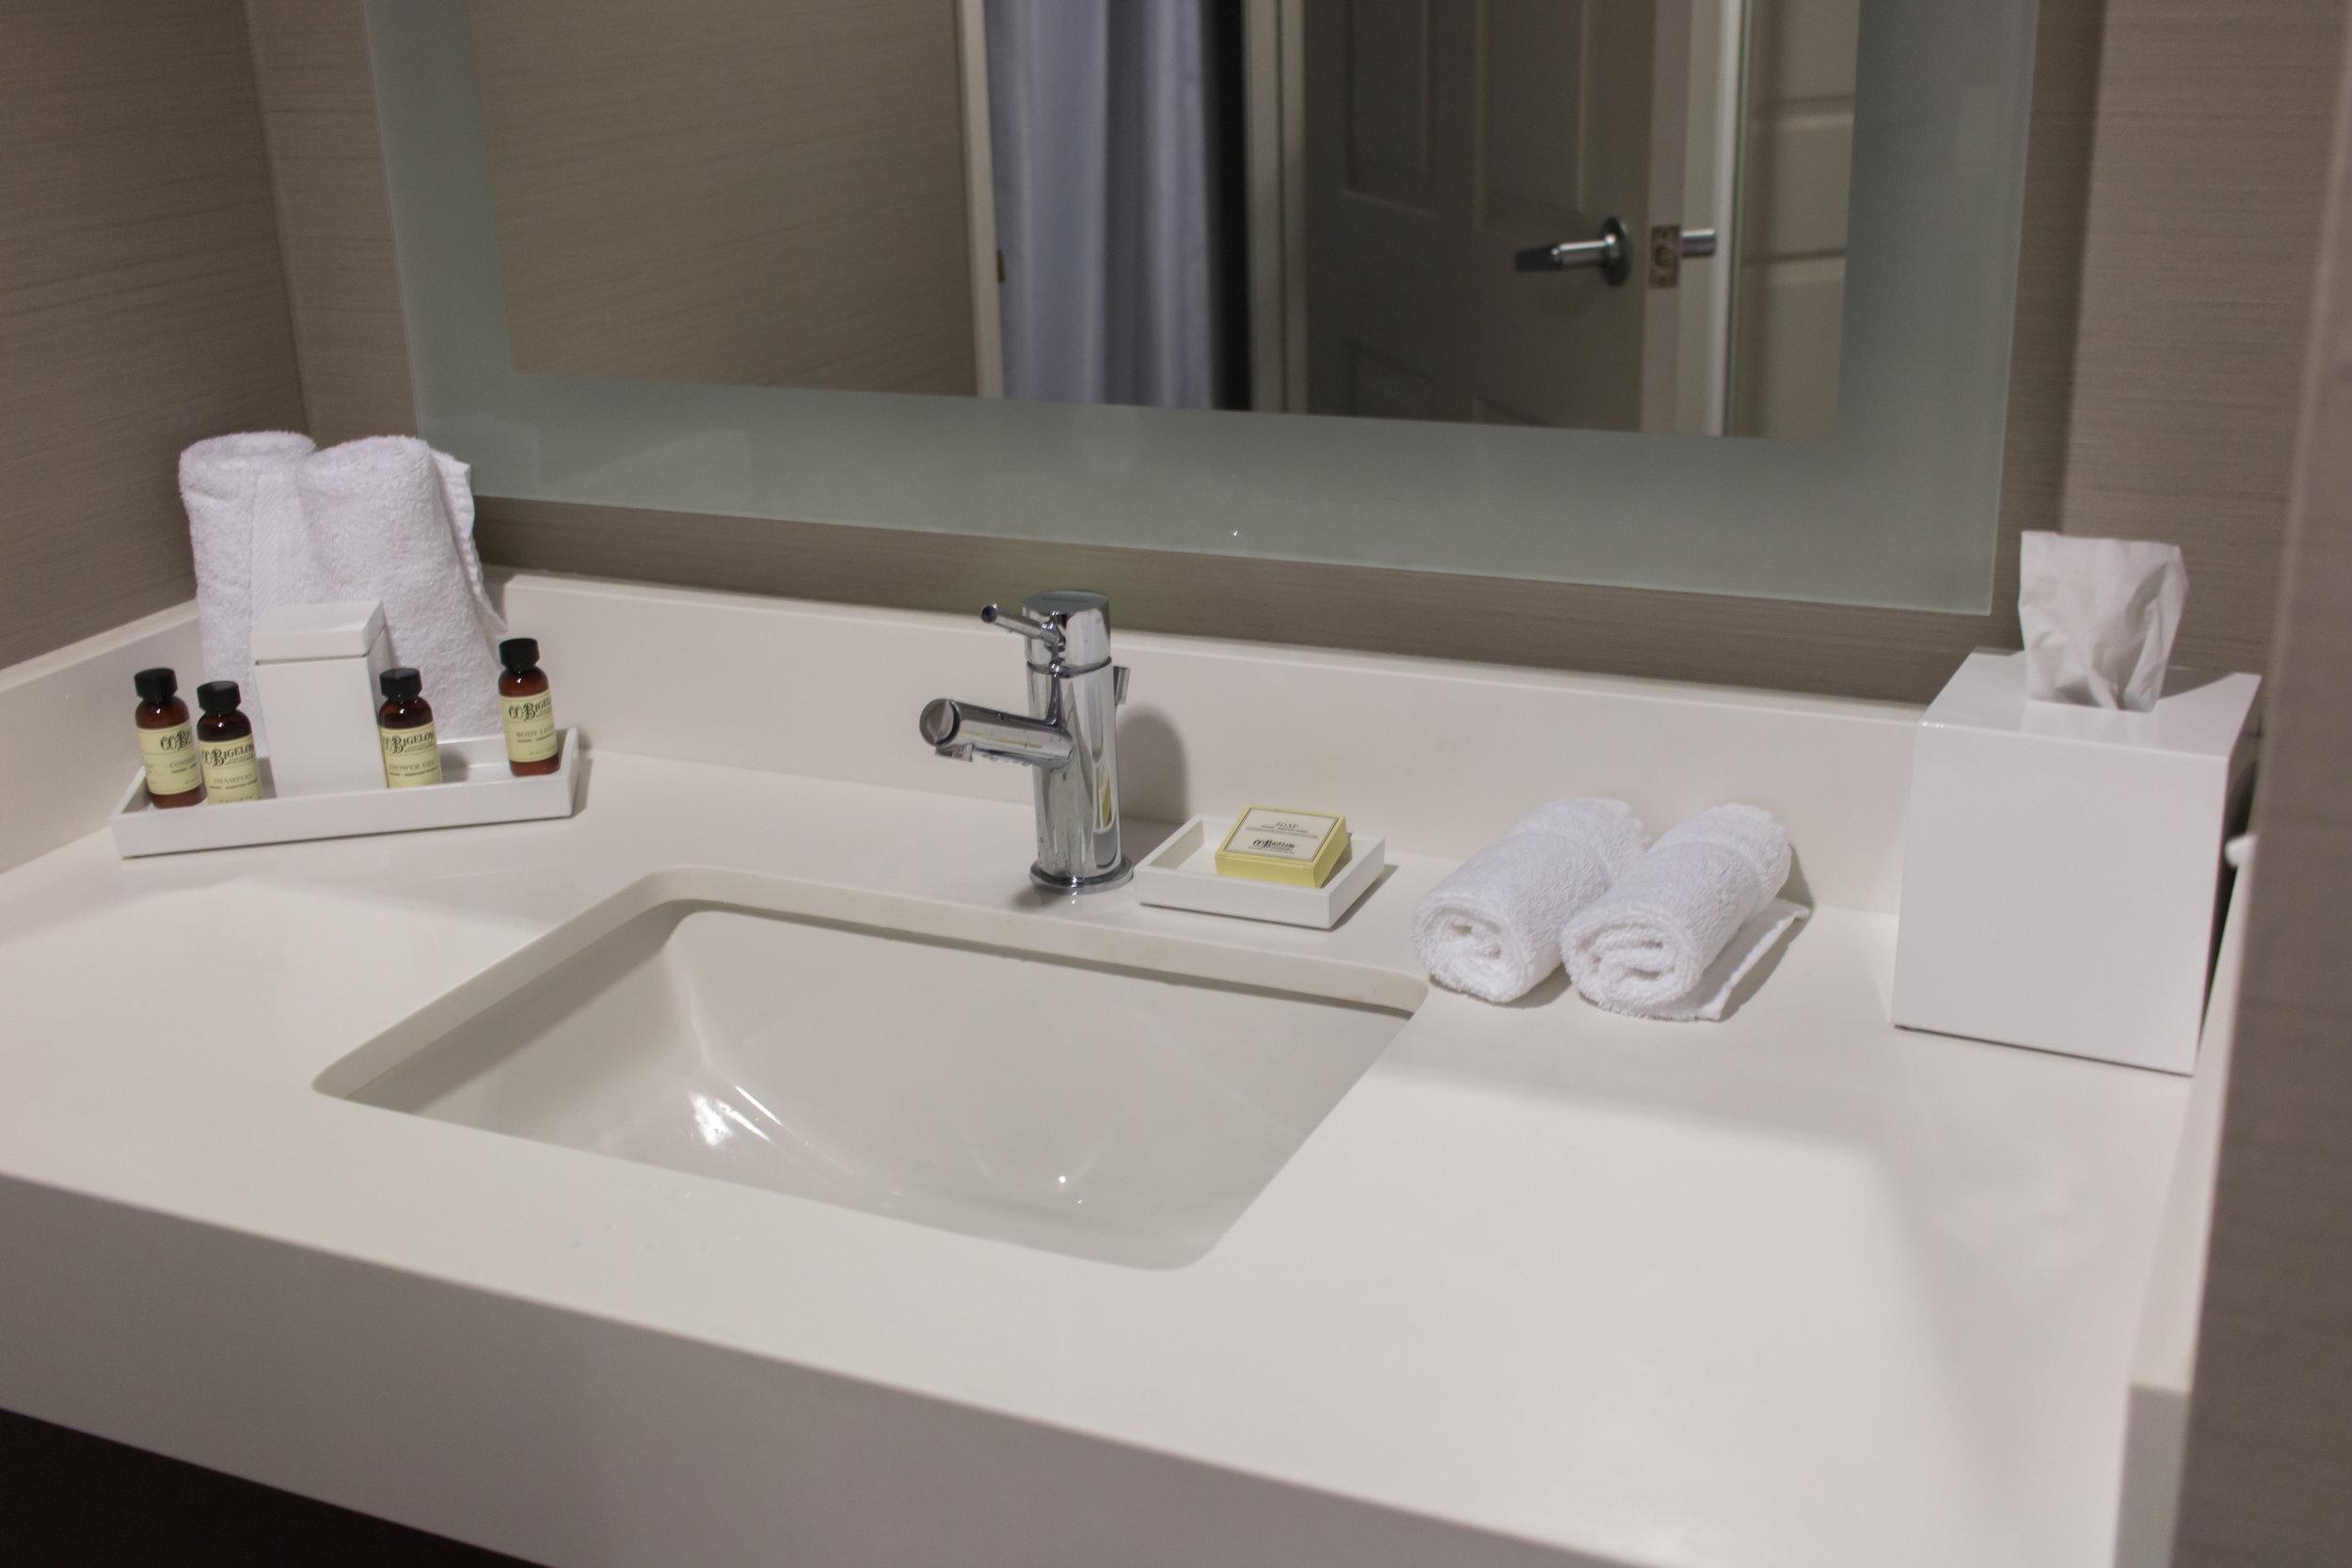 bathroom-sink-the-kinney-venice-beach